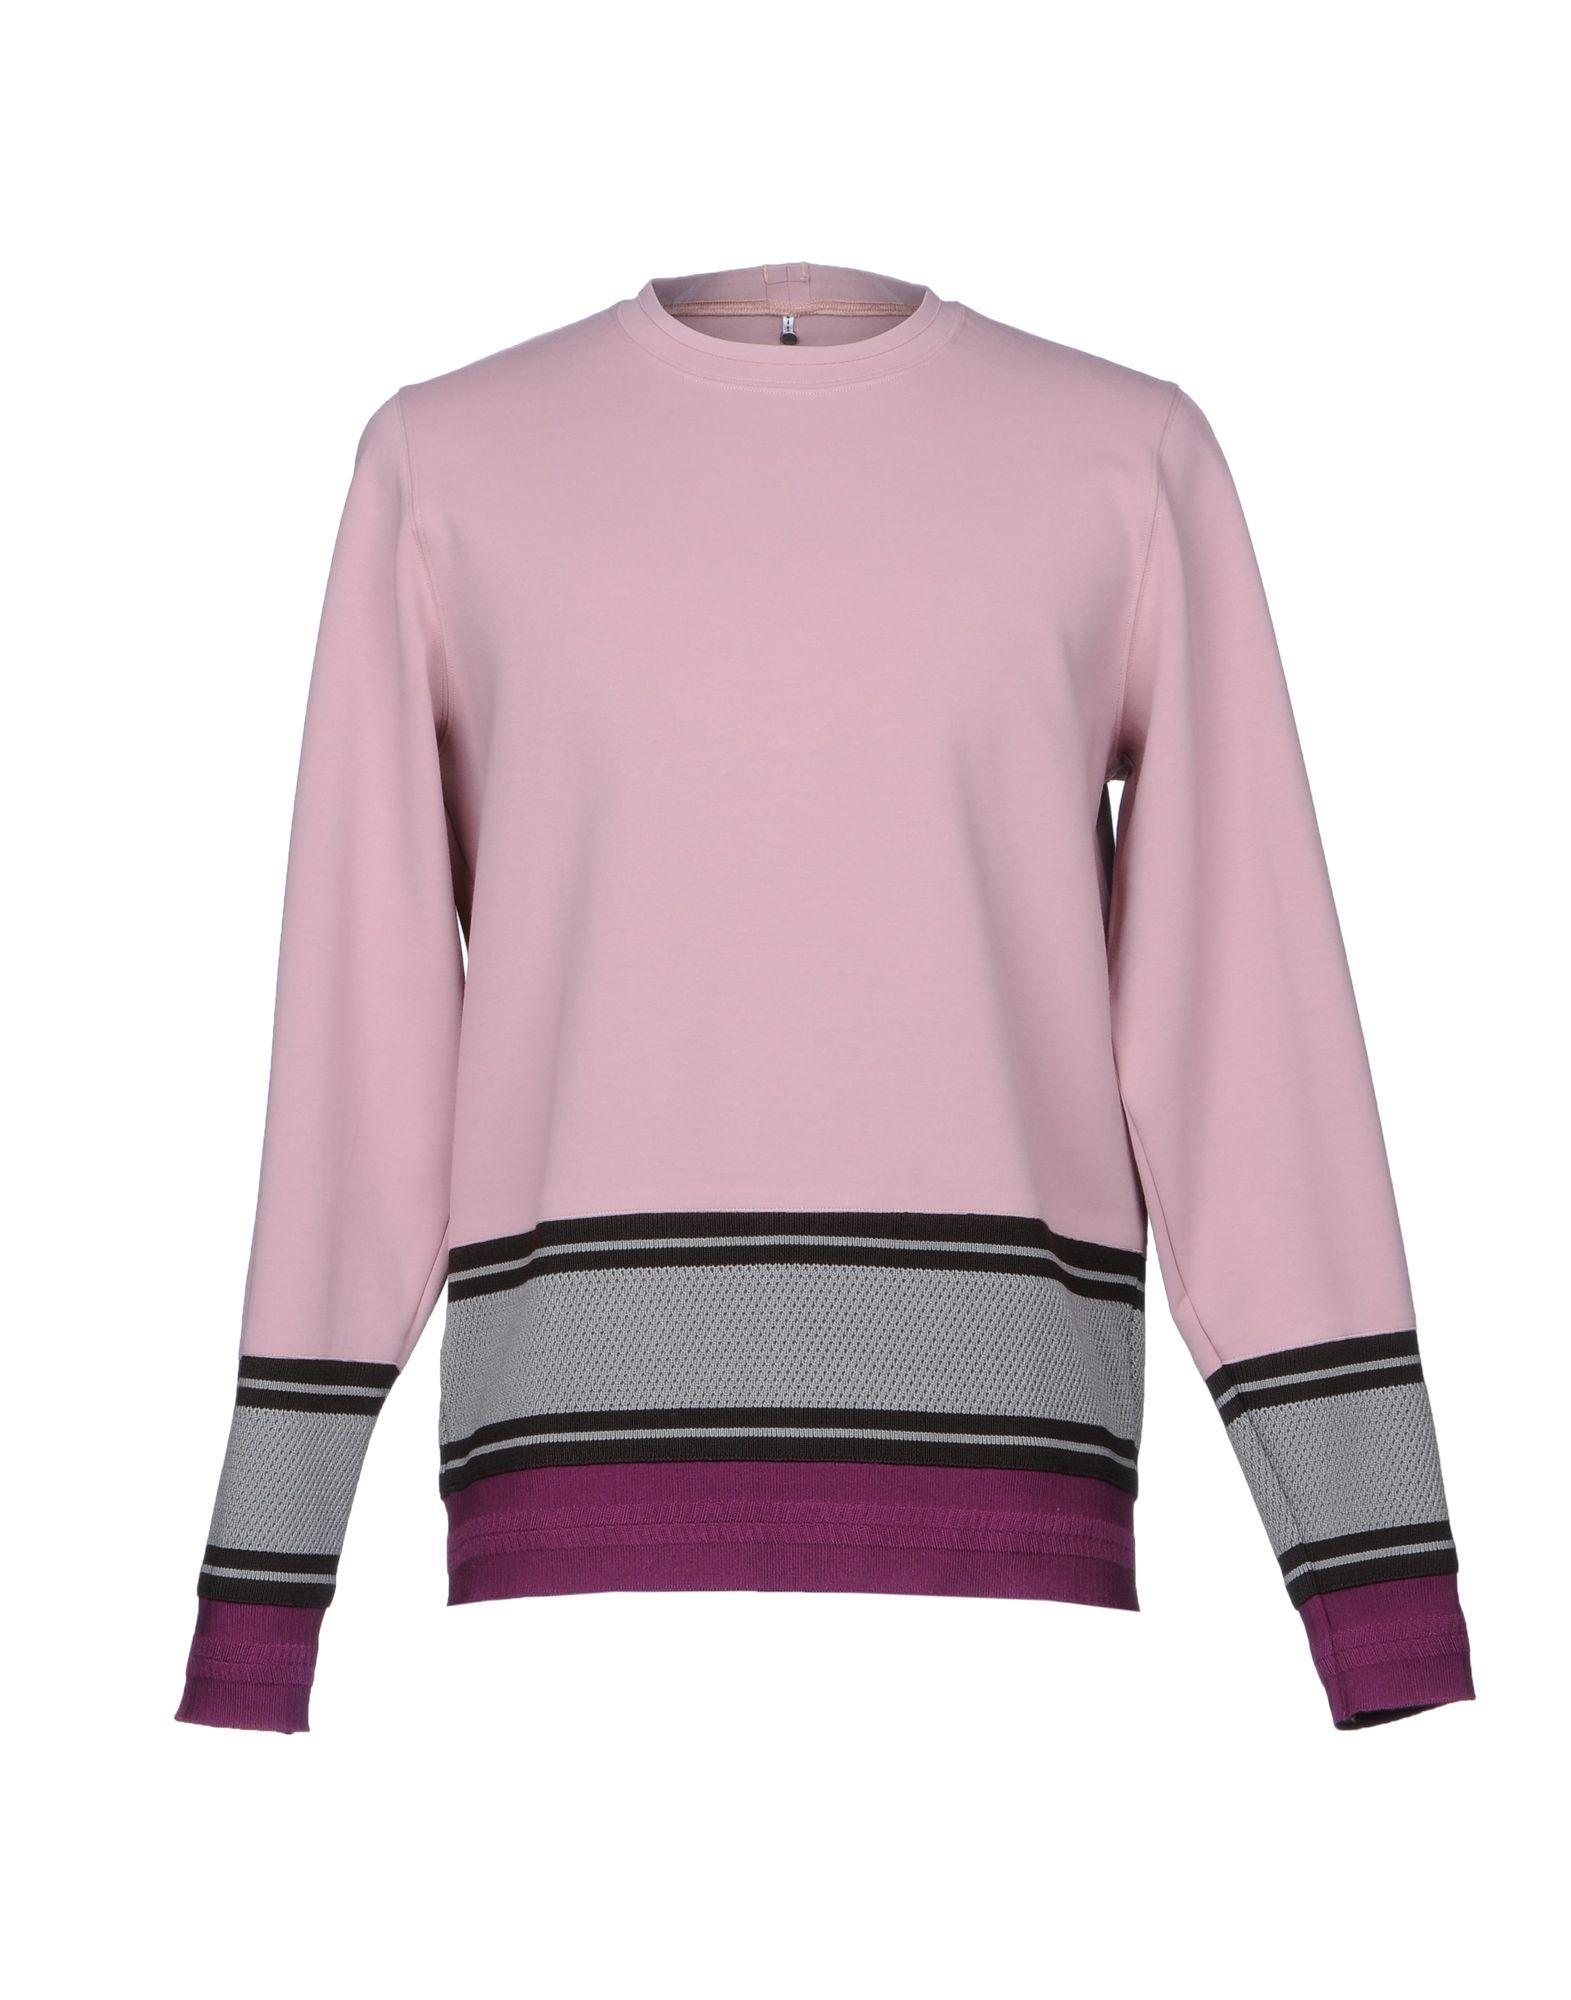 OAMC Herren Sweatshirt Farbe Hellrosa Größe 7 jetztbilligerkaufen